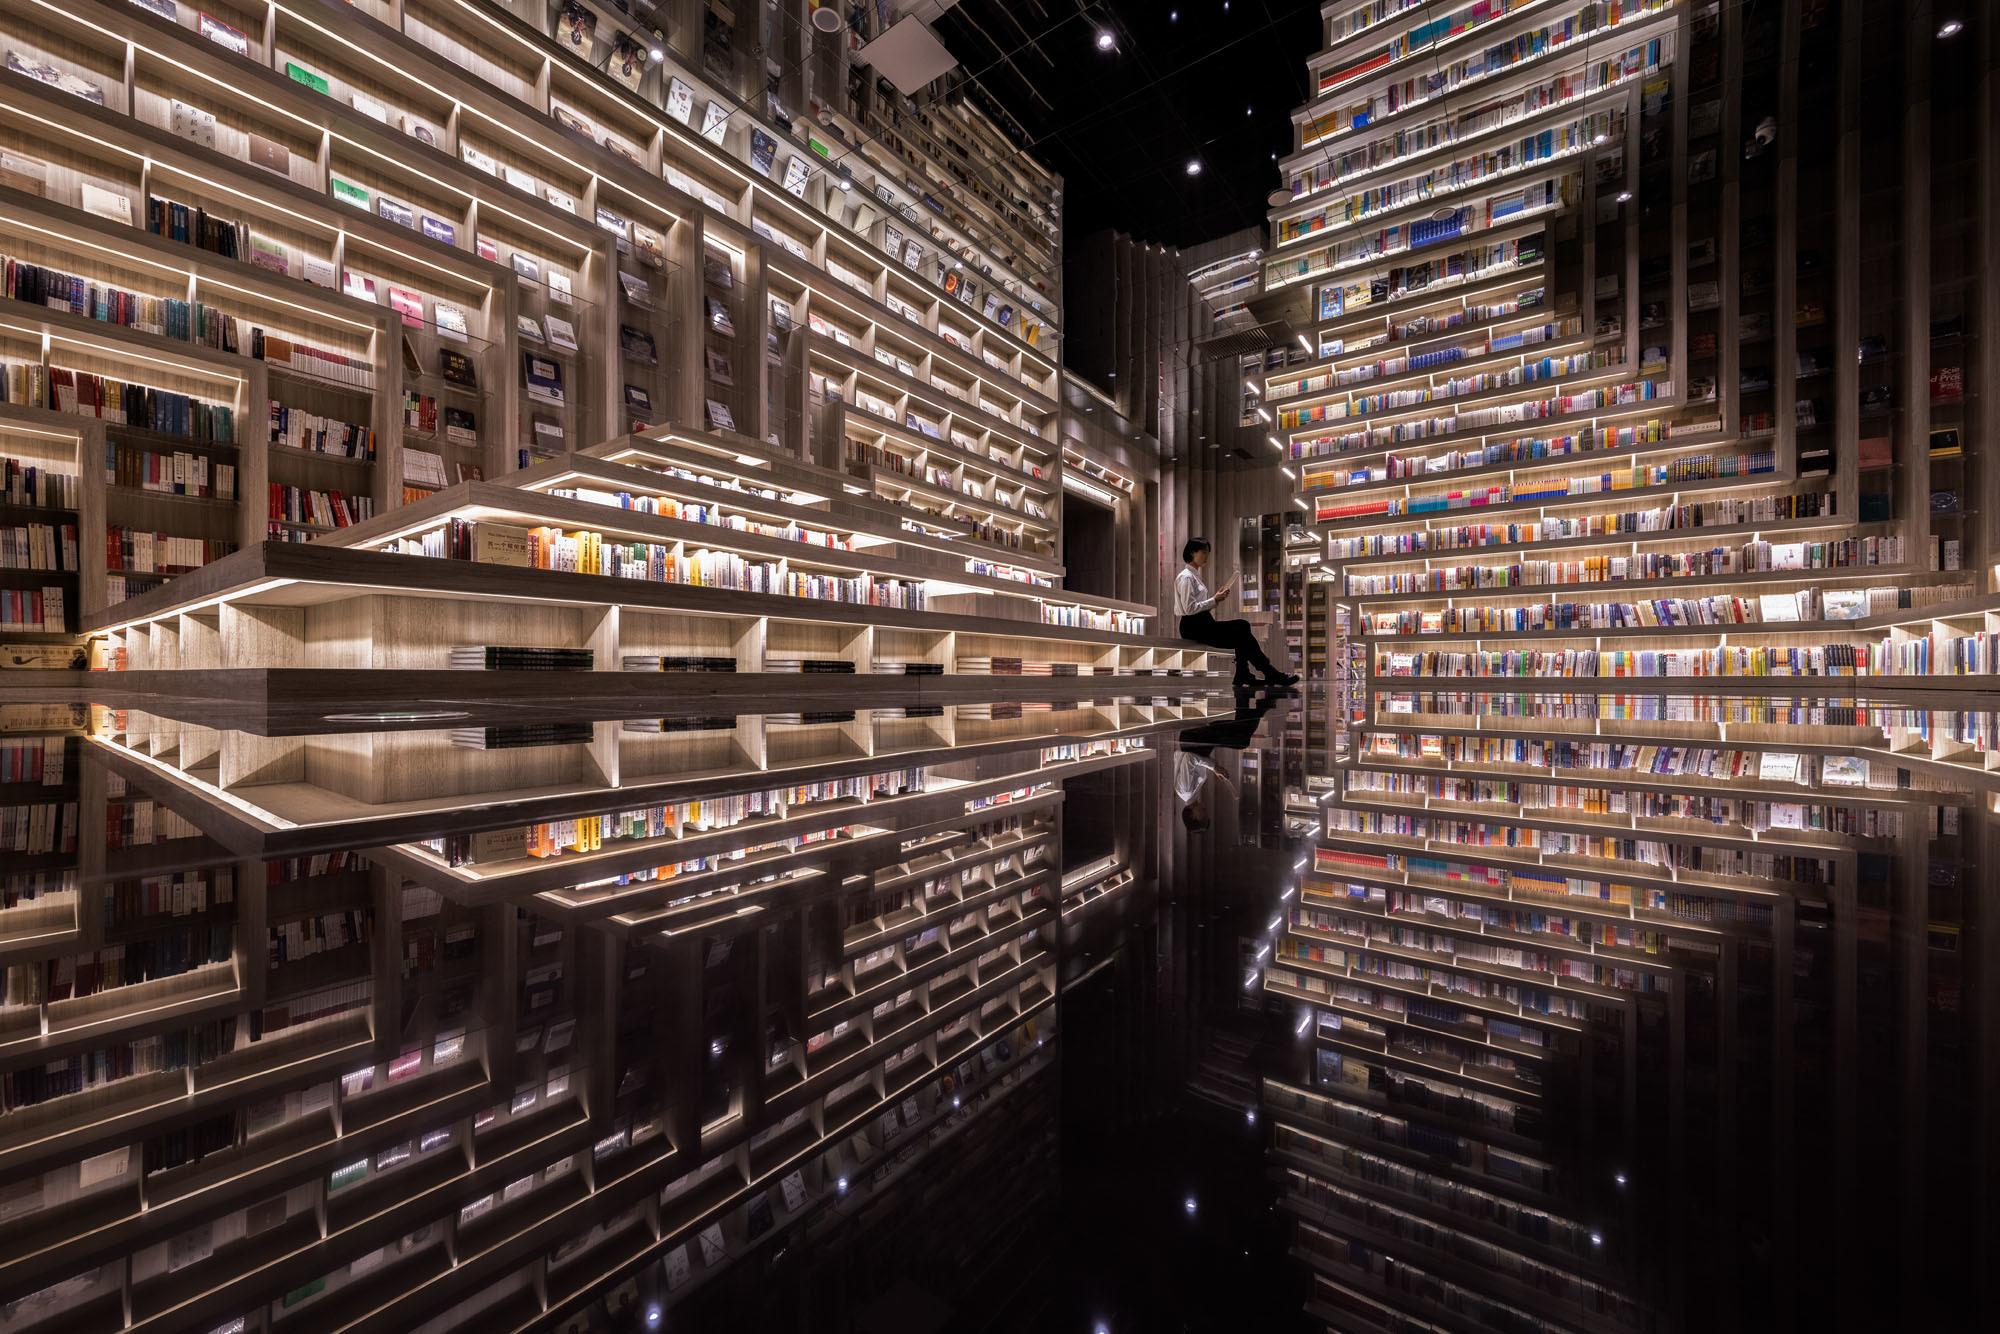 Auf 4.600 Quadratmetern entstand eine eingeschossige, multimediale Erlebnisfläche, entworfen von Li Xiang und ihrem 2011 in Shanghai gegründeten Innenarchitekturbüro X+Living.